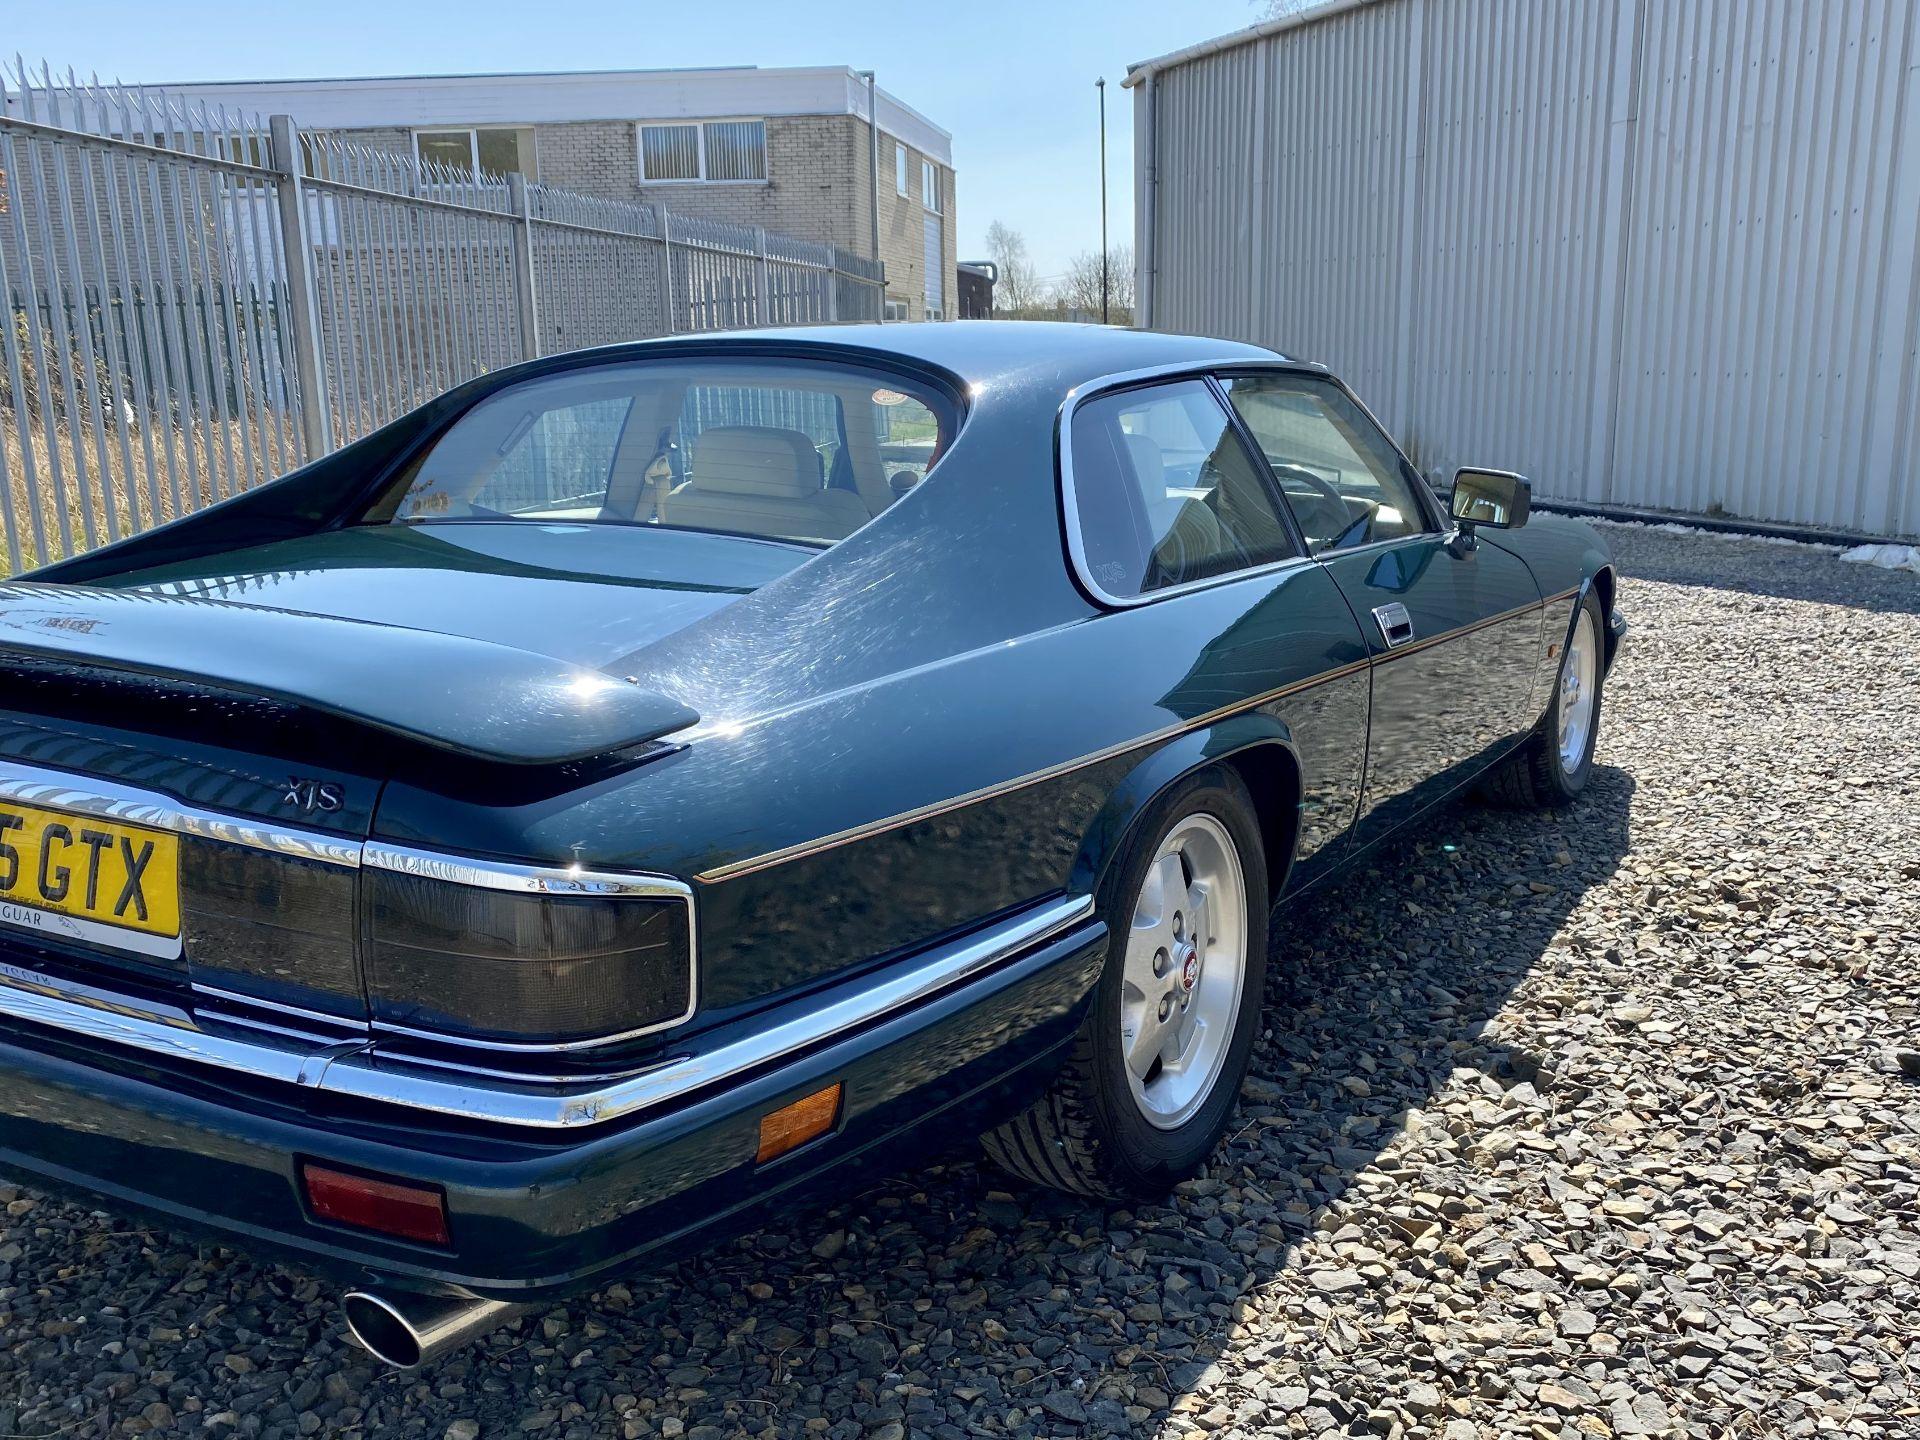 Jaguar XJS coupe - Image 26 of 64